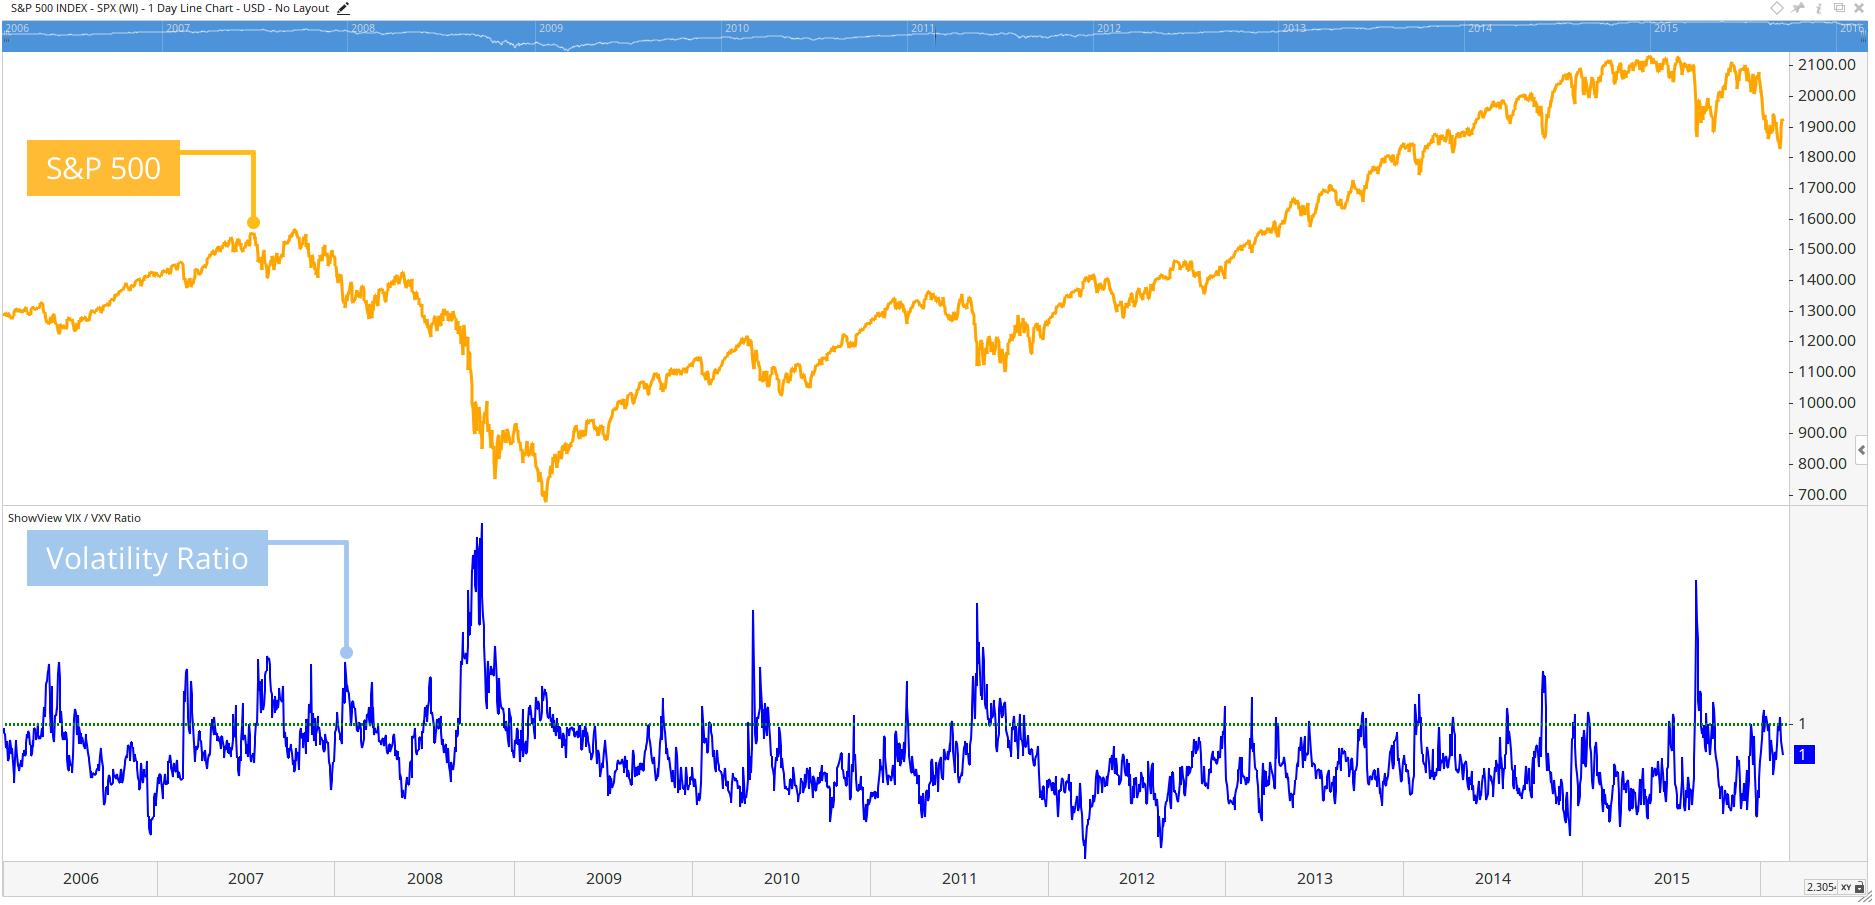 S&P 500 over its Volatility Ratio